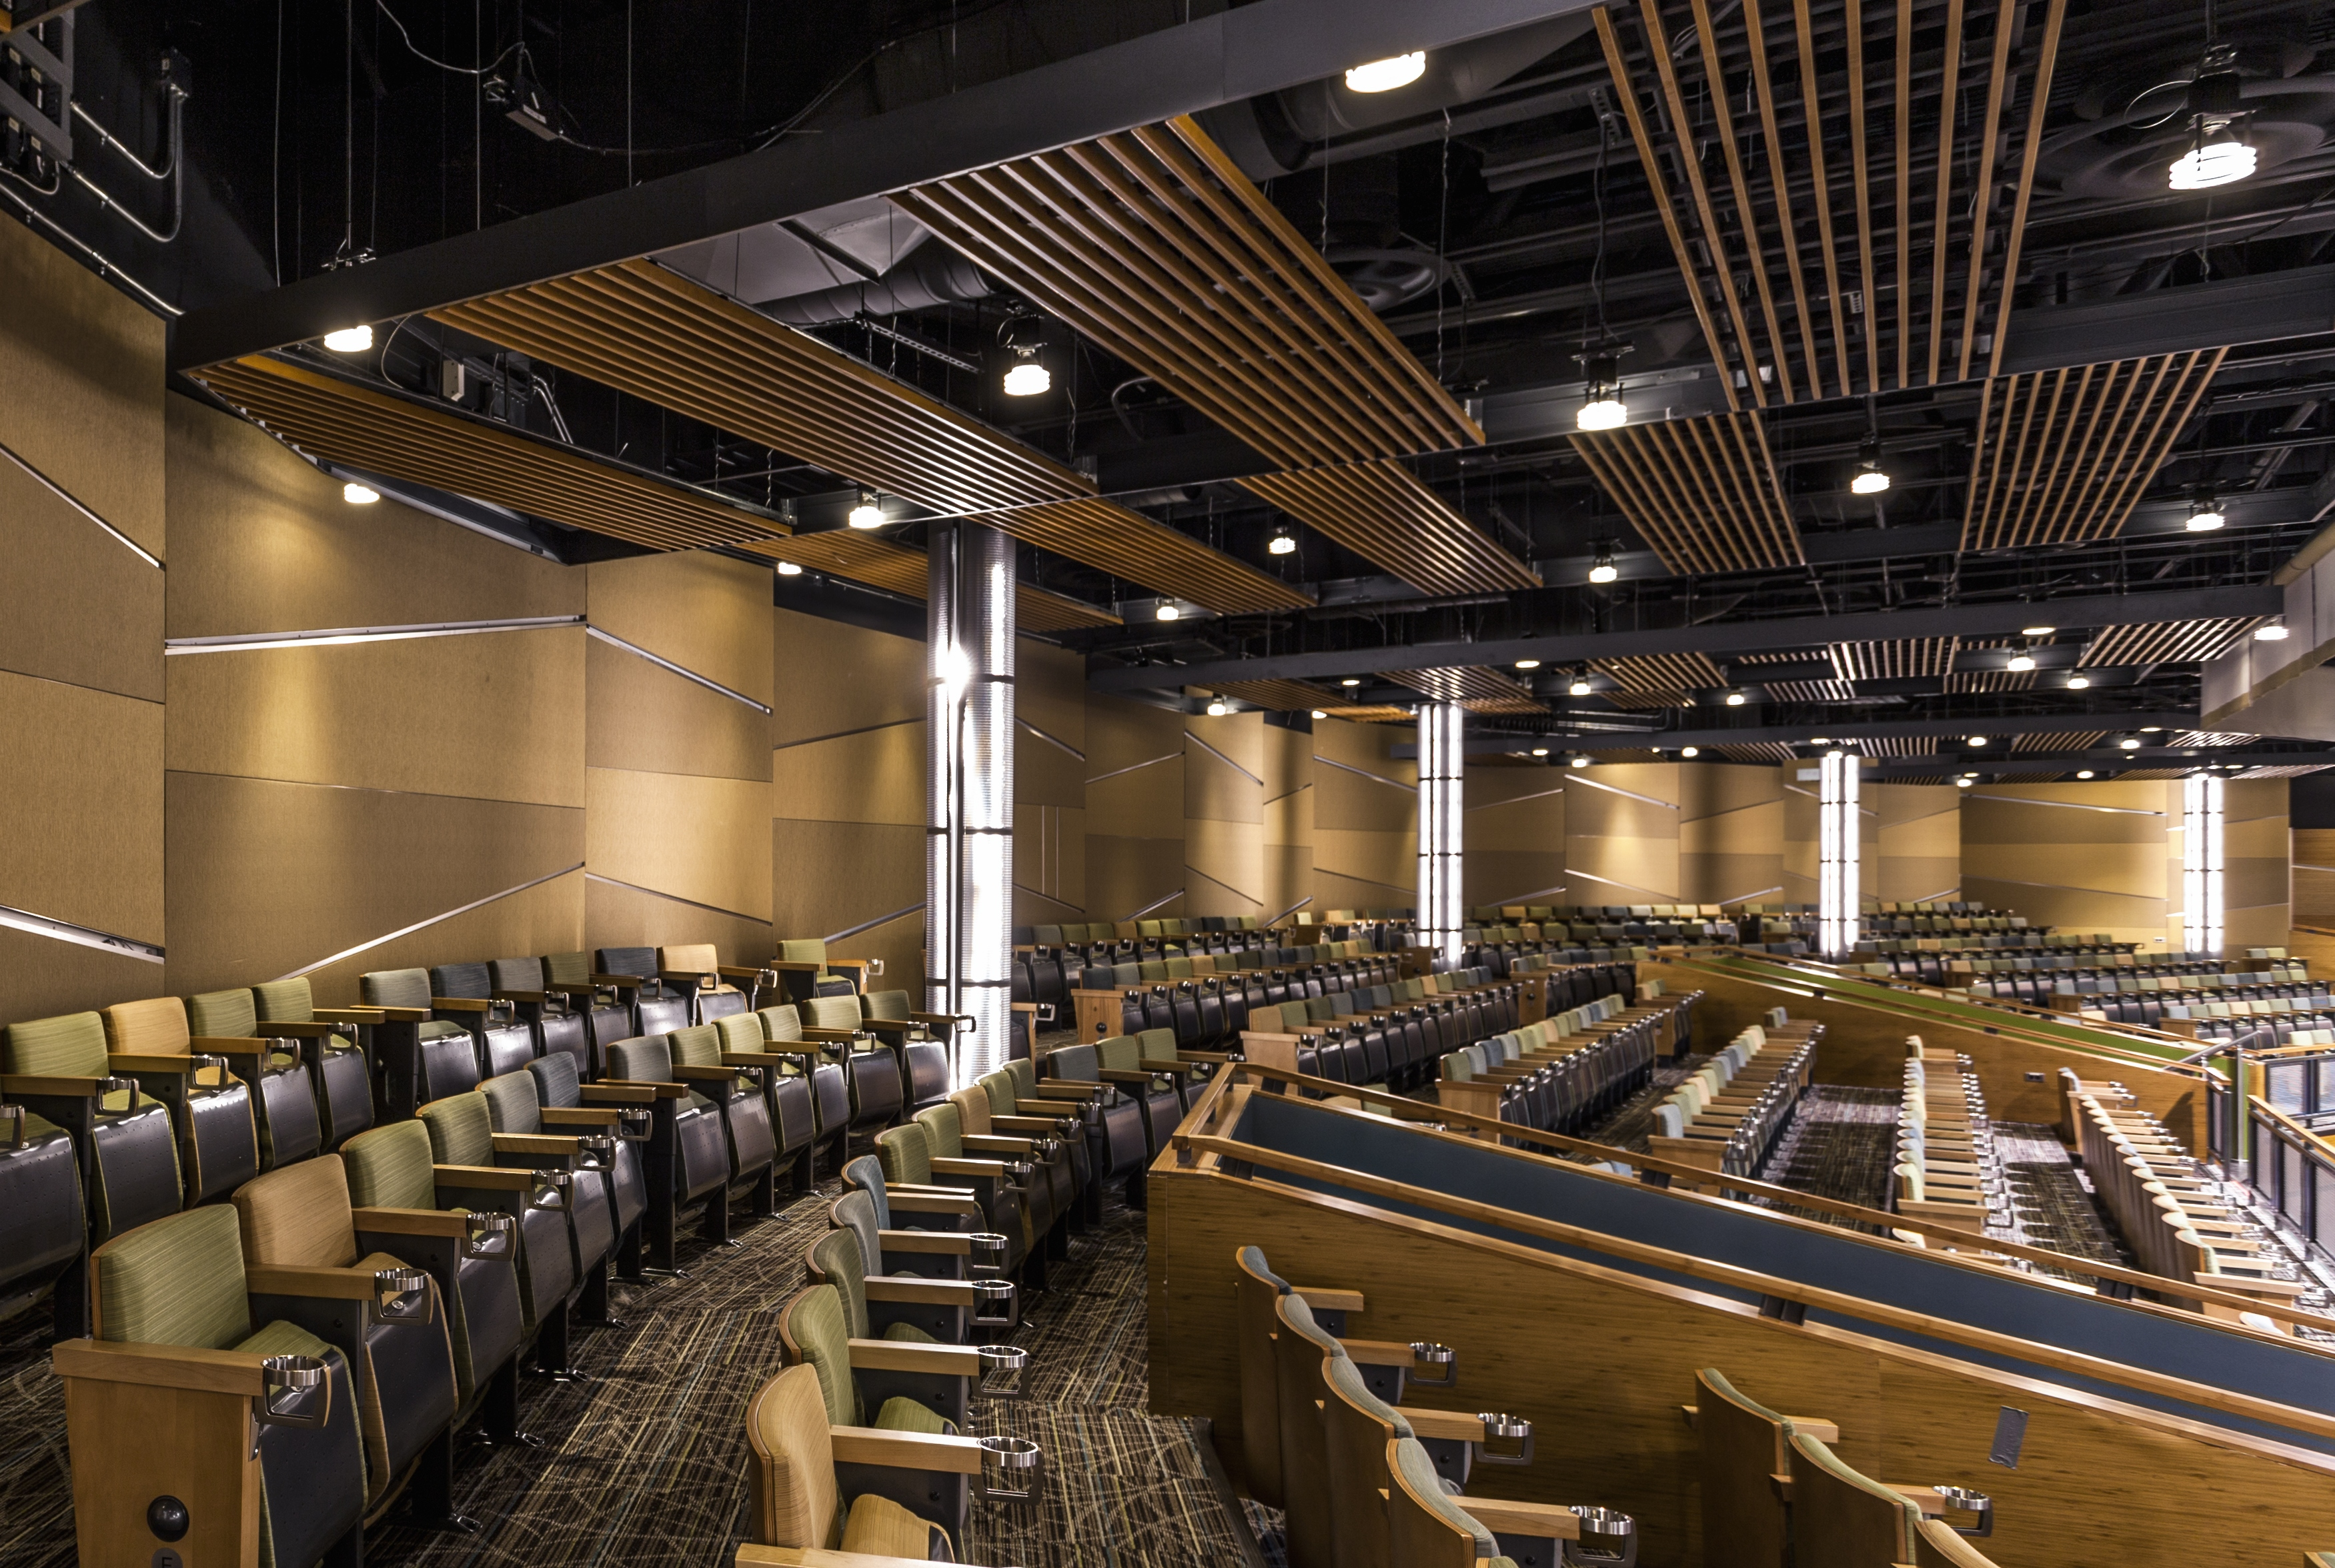 Club Regent - Acoustic Panels